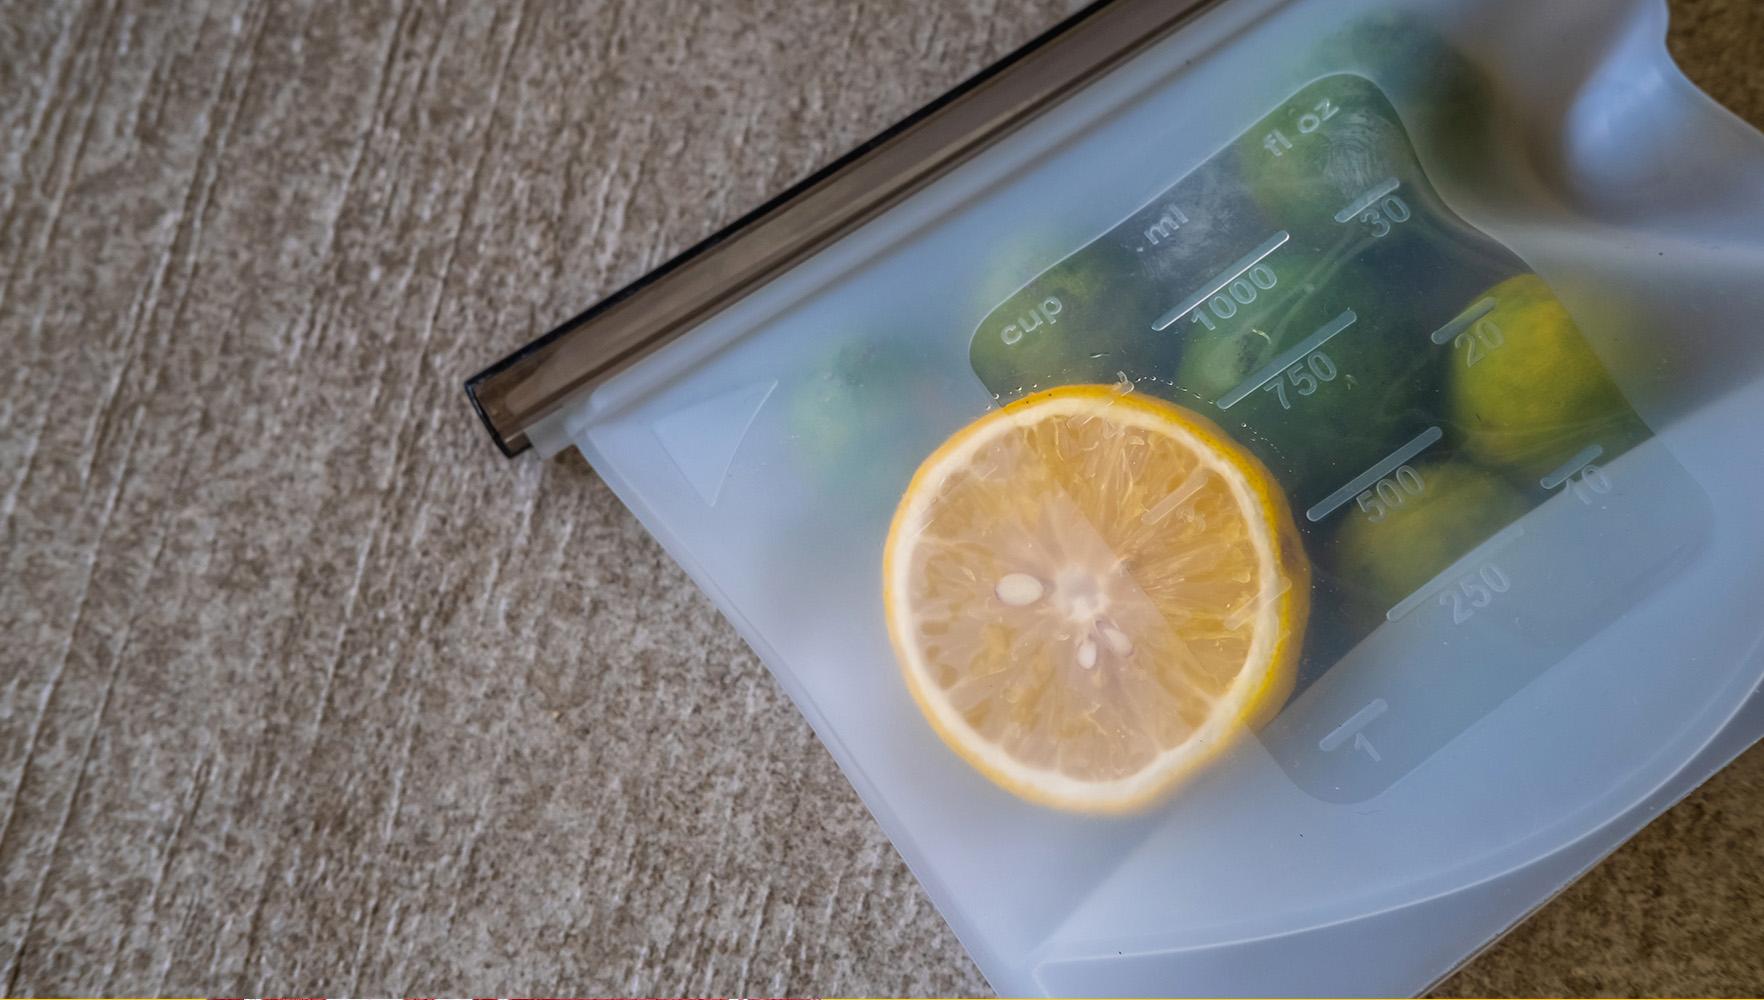 چگونه کیسه های پلاستیکی چندبار مصرف را تمیز کنیم